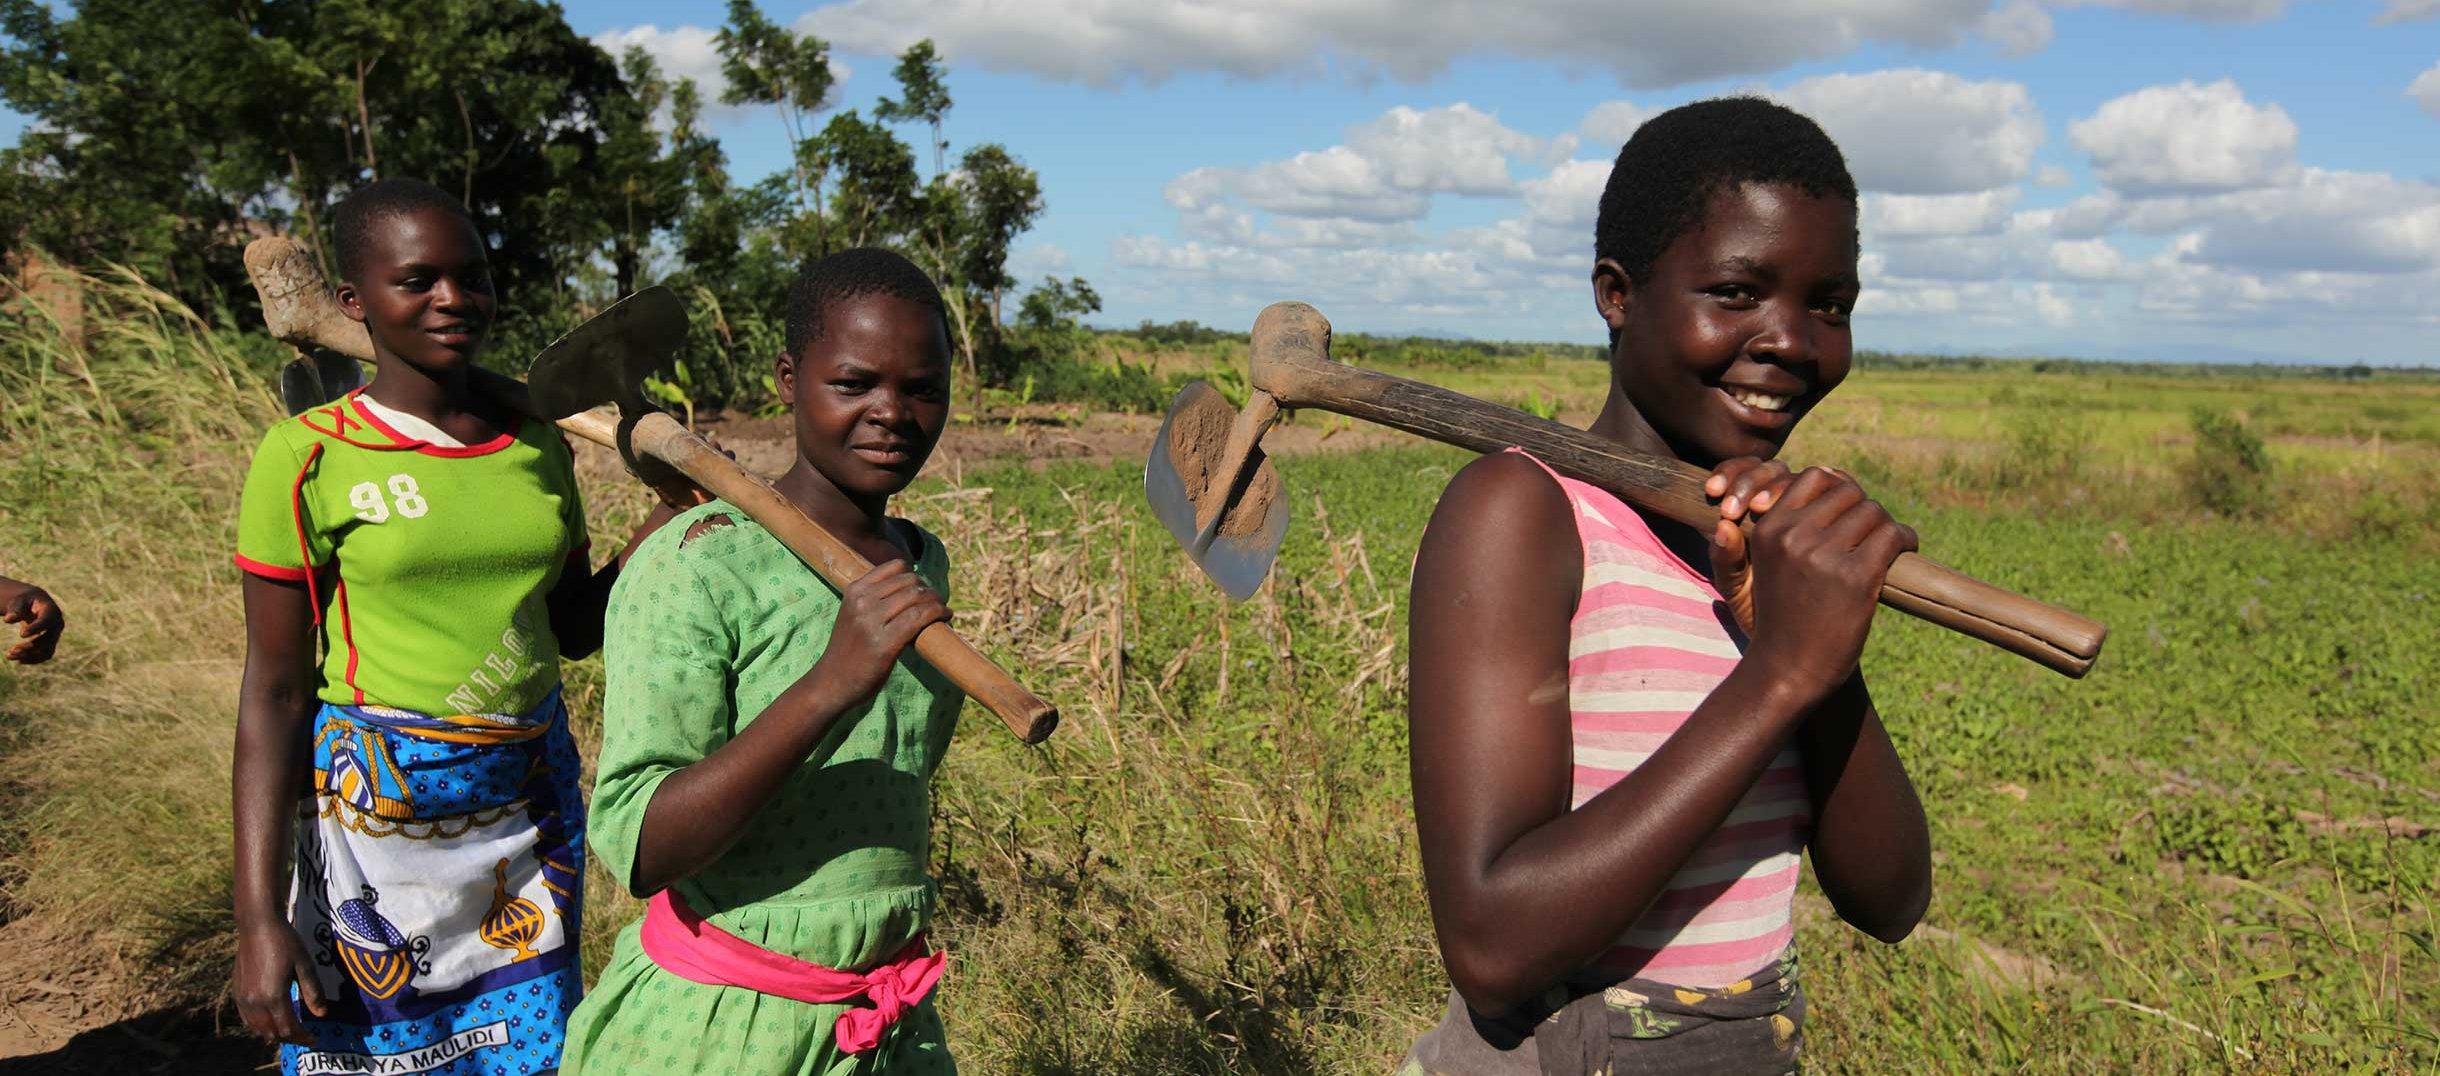 women-farmers-malawi-ogb-50147.jpg